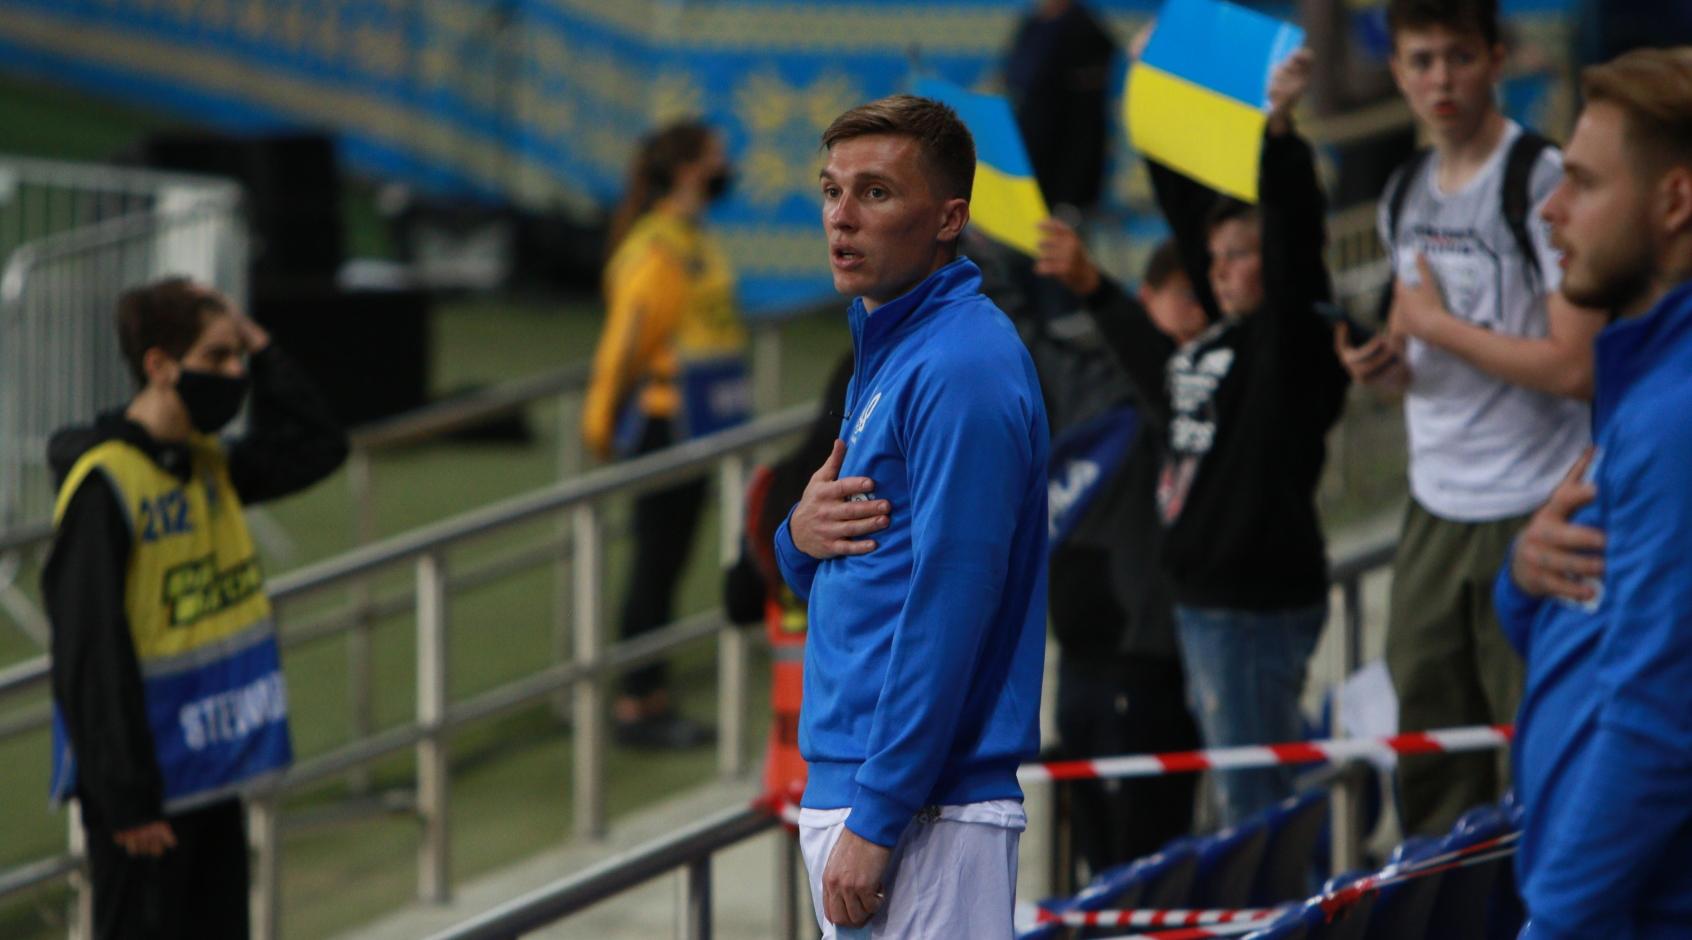 """Сергей Сидорчук: """"Венгер говорил, что если футбол уходит в цифры, то можно считать сантиметры офсайда в пользу атаки"""""""